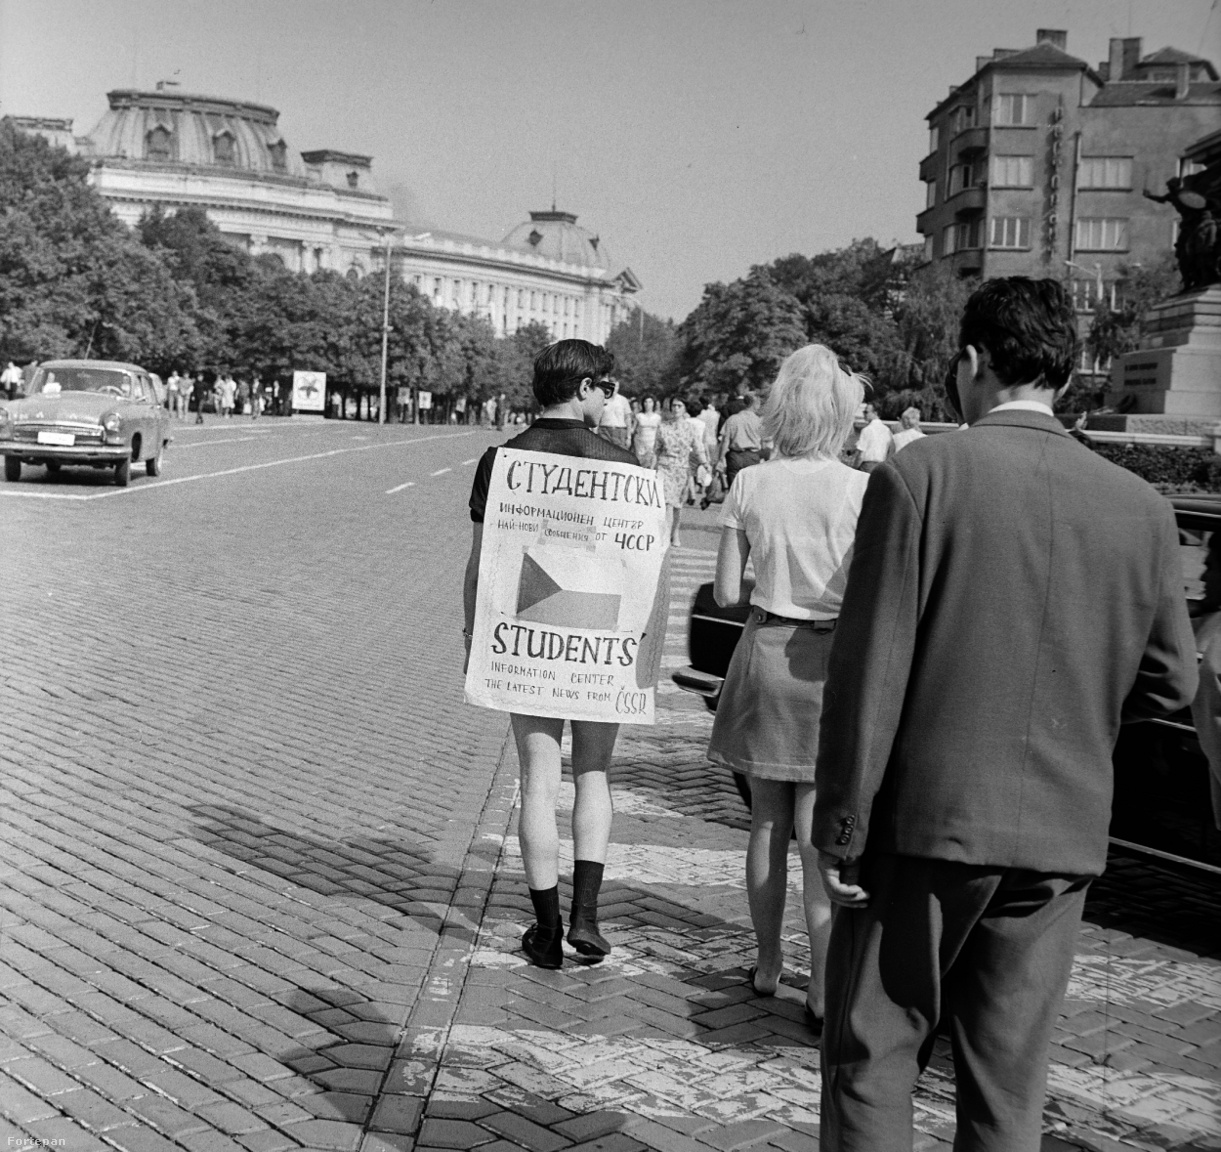 """Egyszemélyes csehszlovák információs központ, a felirat szerint a srác szívesen megmagyarázza a legfrissebb prágai híreket. A szófiai VIT-et végig beárnyékolta a csehszlovák kérdés, a brezsnyevi fenyegetés, hogy katonai erővel is visszatérítik a különutas Csehszlovákiát. A résztvevő cseh fiatalok saját reformer pártvezetésüket támogatták, ez a fiú is nyilván  Dubcekék mellett állt ki - harminc társa már el sem jutott Bulgáriába, még a határon visszafordították a hippi külsejű cseh újbalosokat, és a borotválkozás sem enyhítette meg a karhatalmat. A szerencsésebbek """"a mi demokráciánk, a mi ügyünk"""" rigmussal vonultak fel Zsivkov előtt az ünnepségen - ekkor azonban a Varsói Szerződés csapatai már bevonulásra készen,katonai készültségben álltak."""